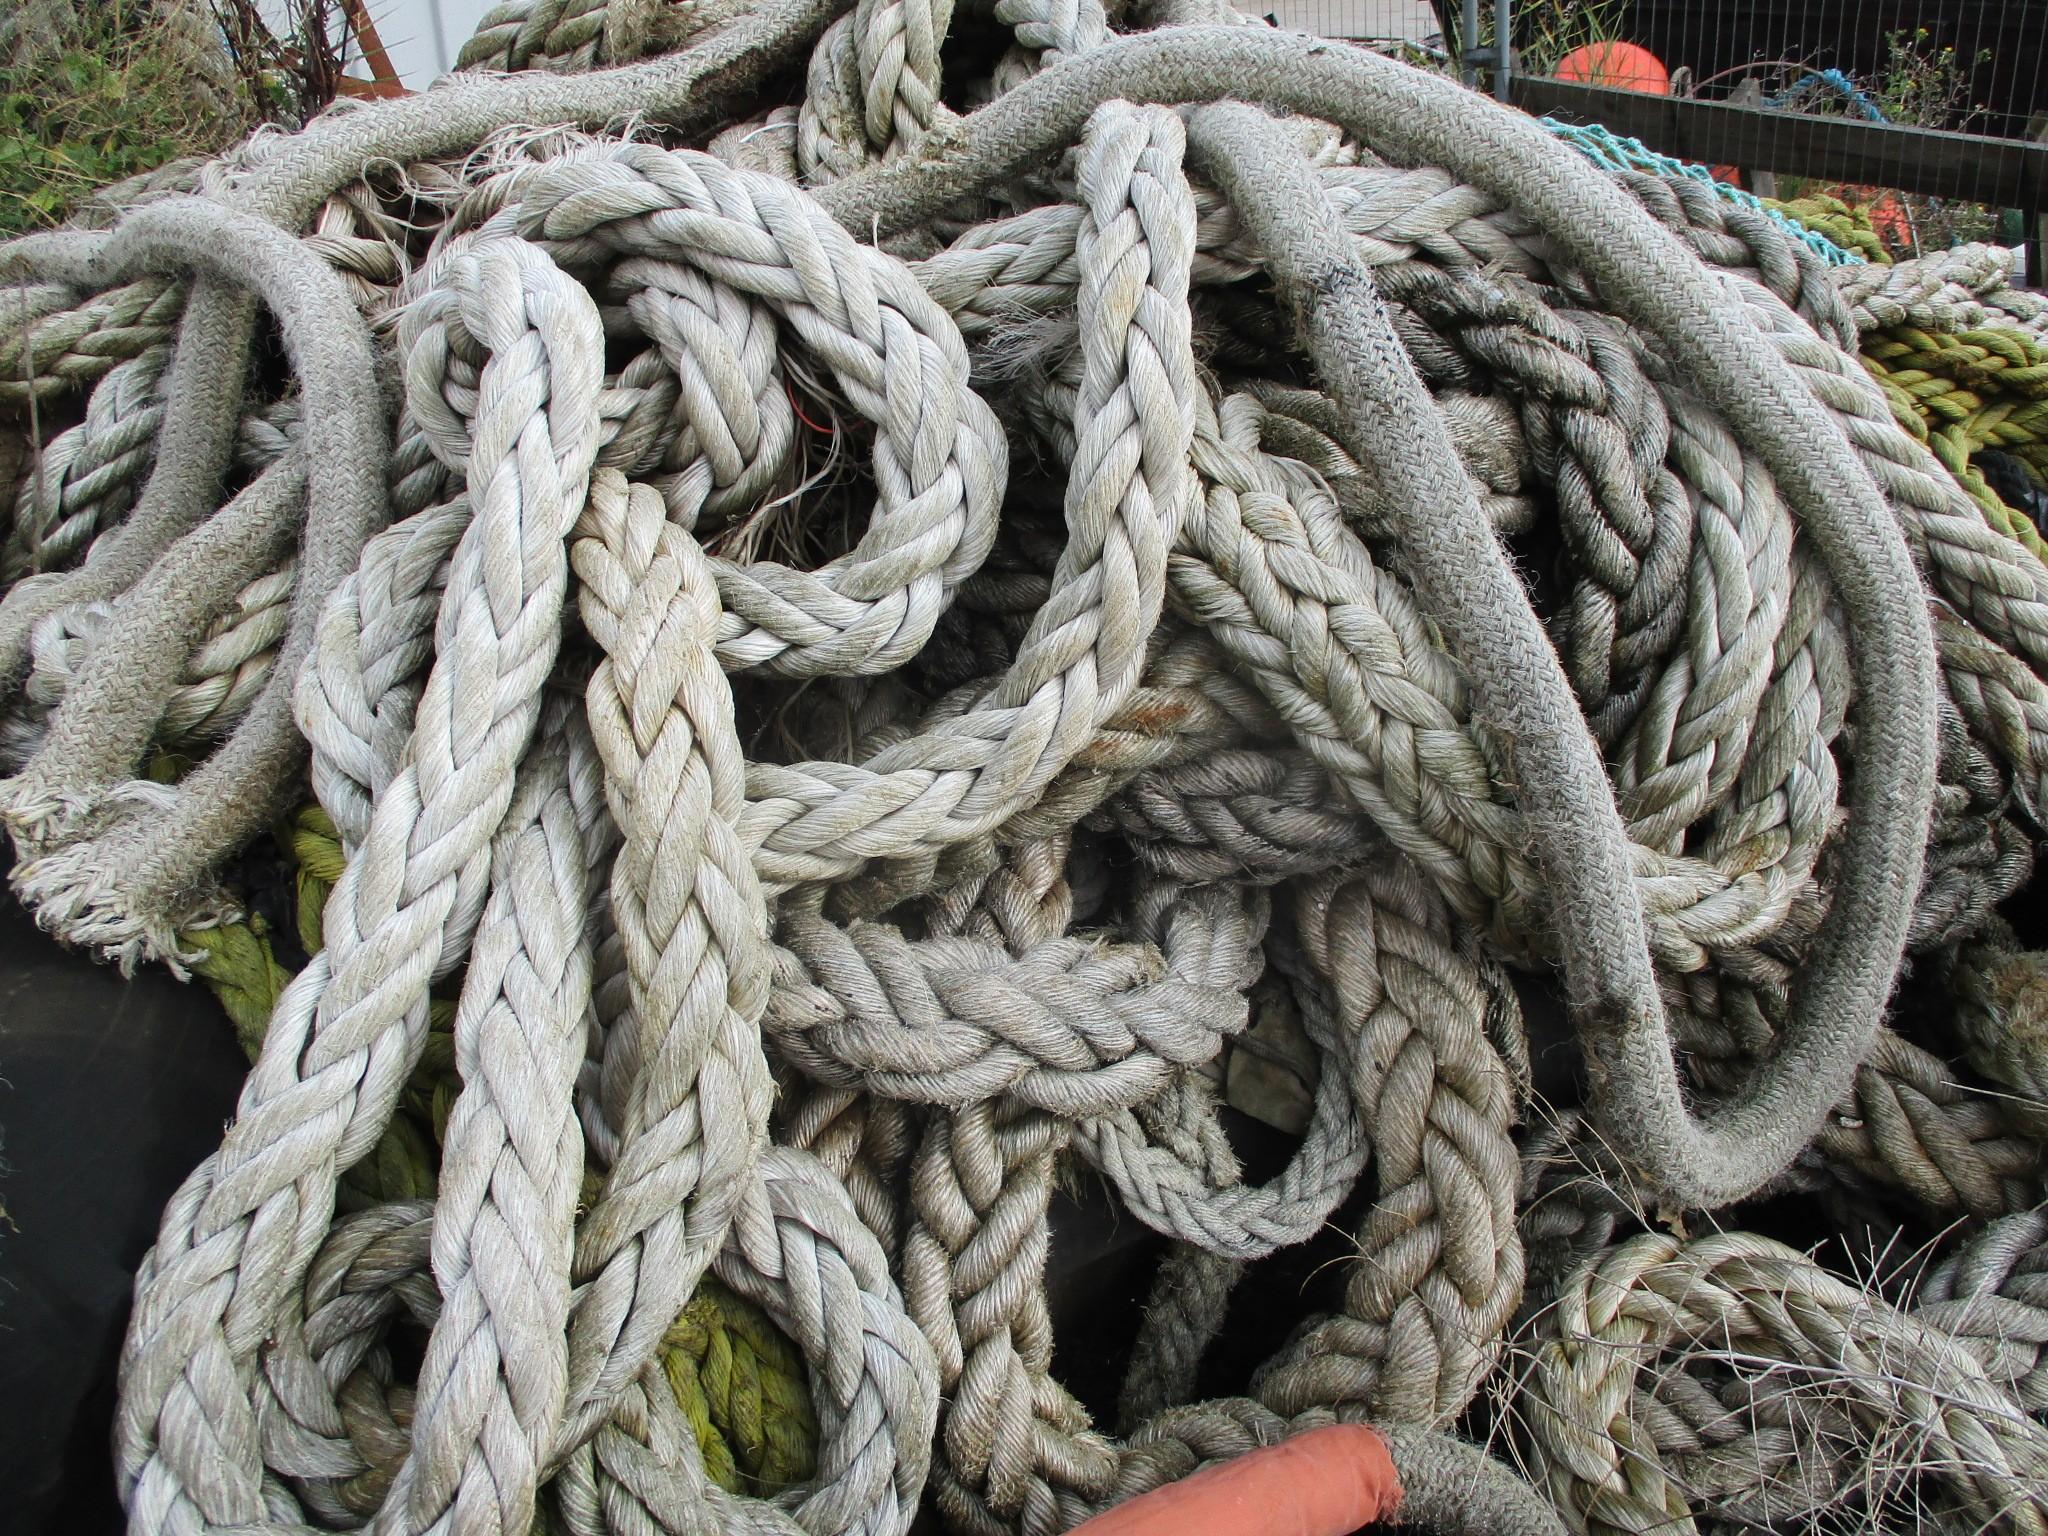 Ship hawser or rope